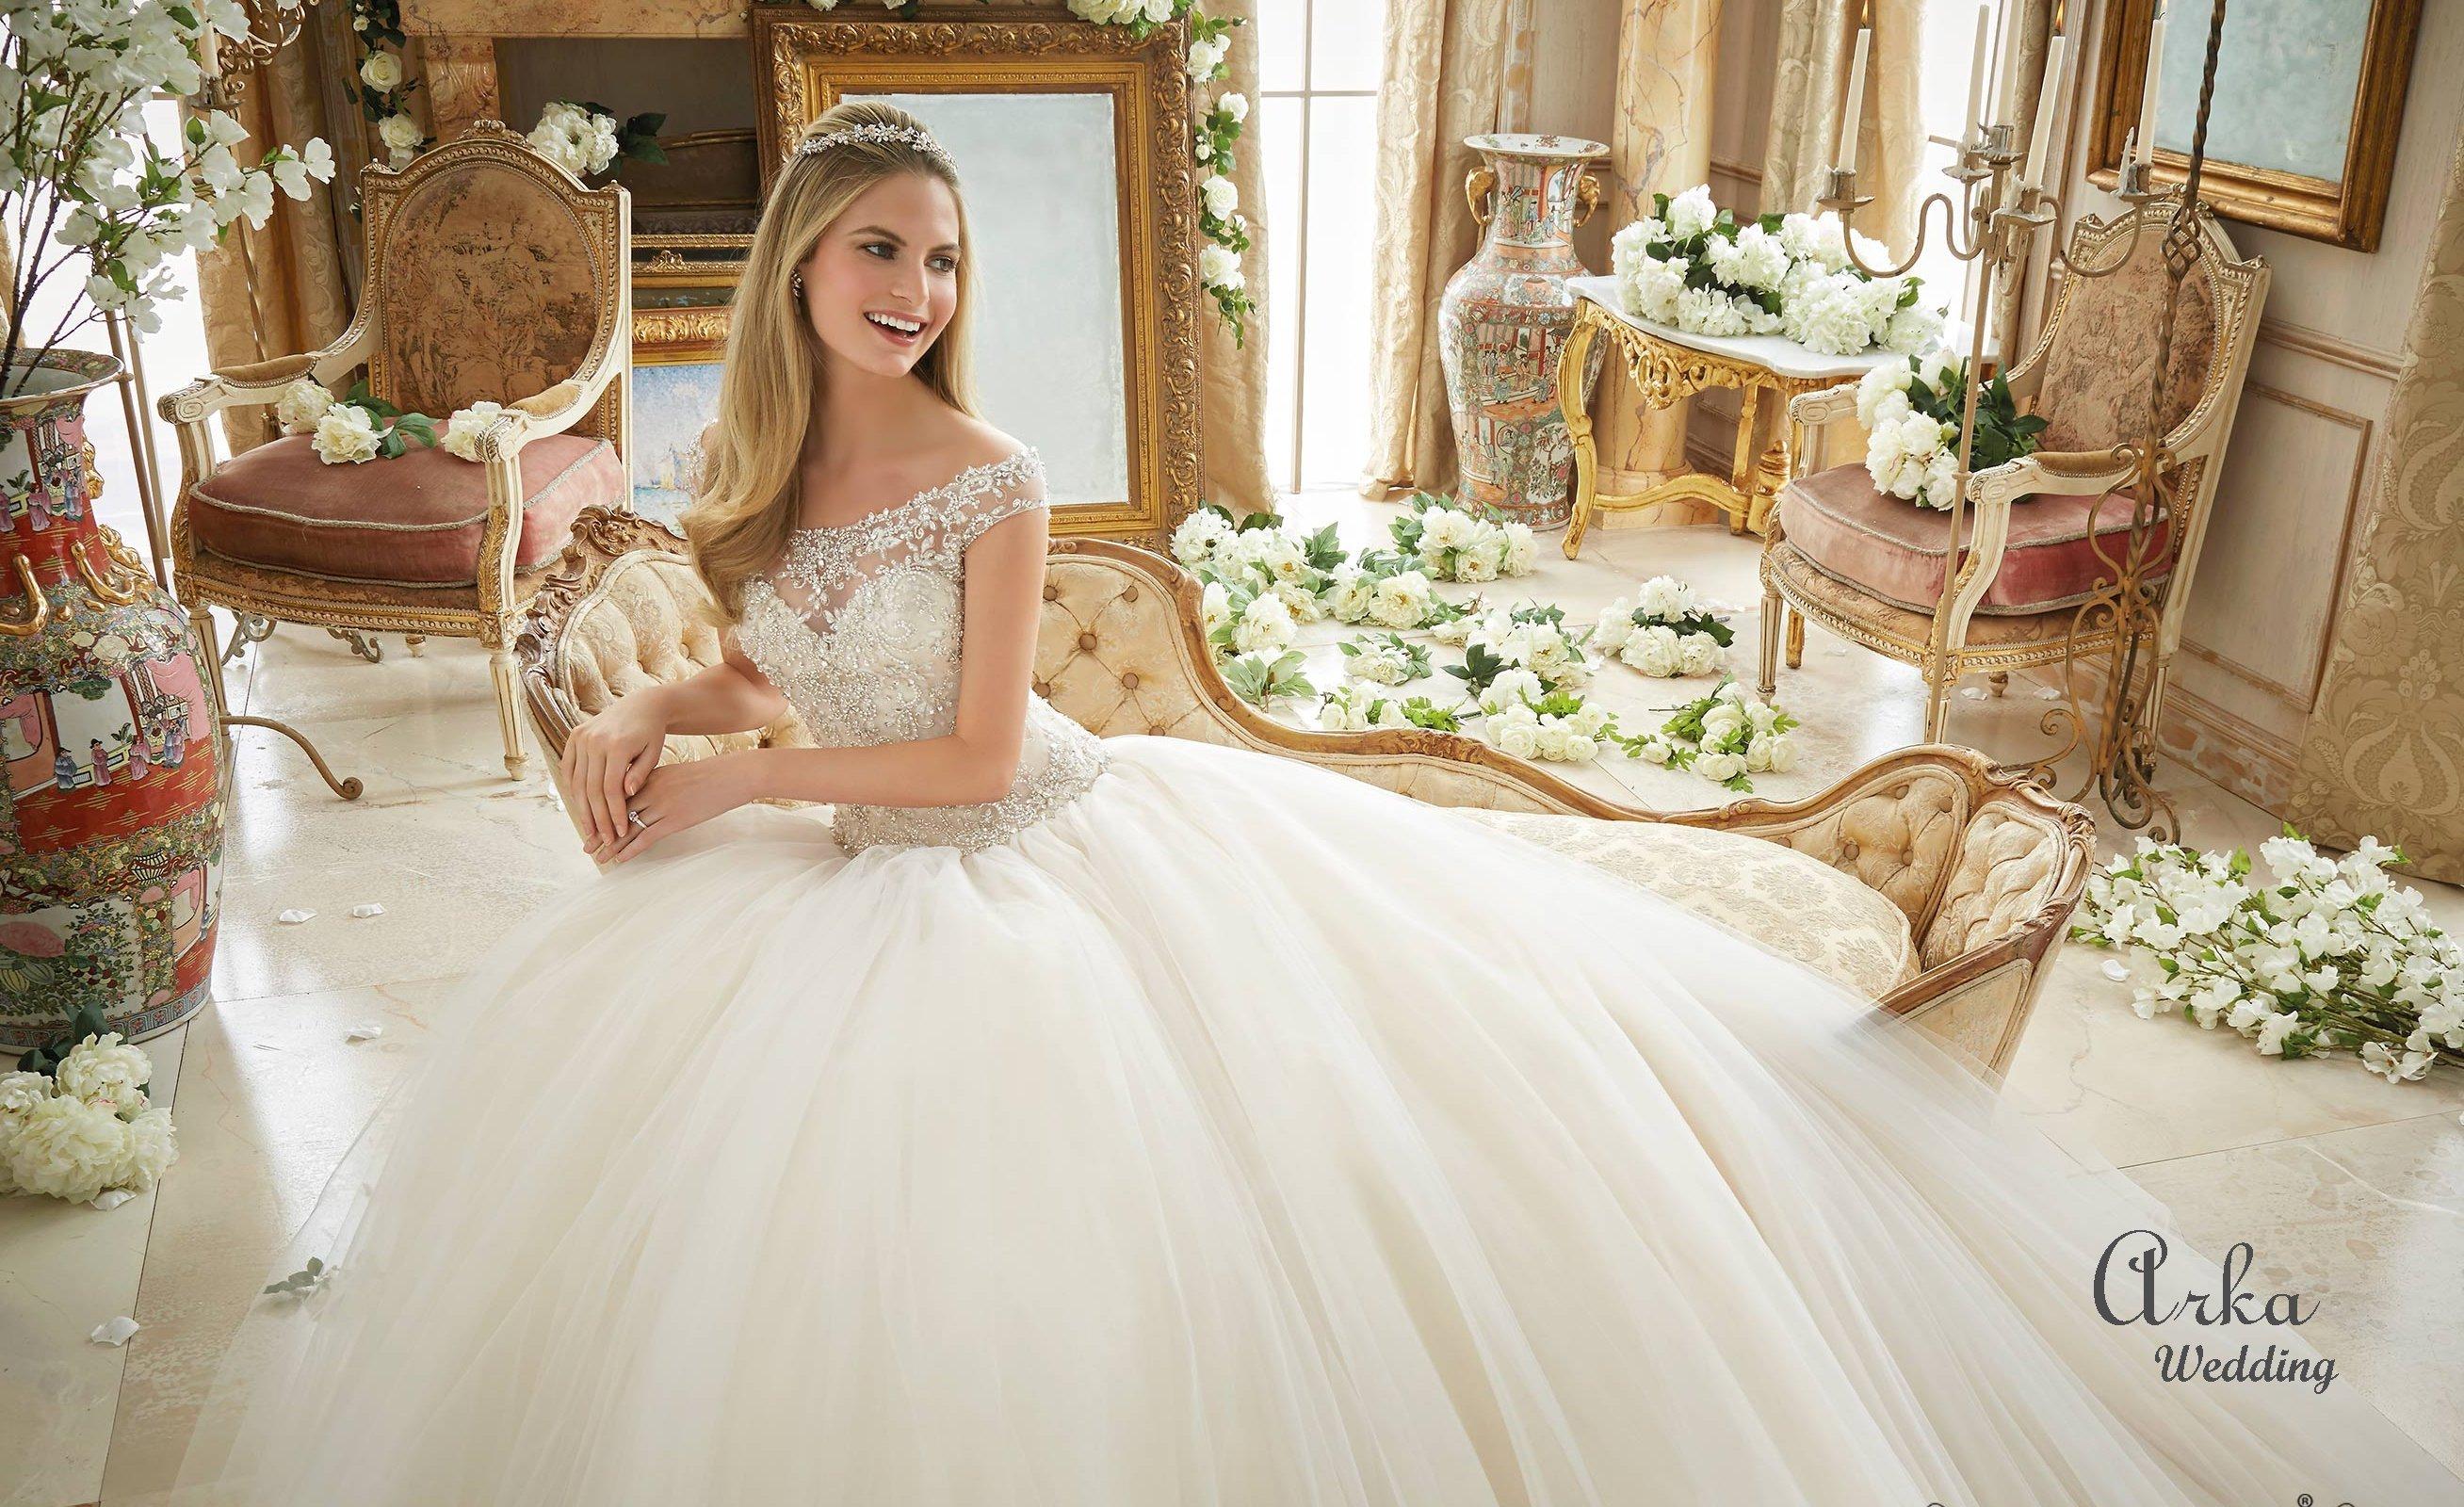 ea2aa43592d Arka Wedding